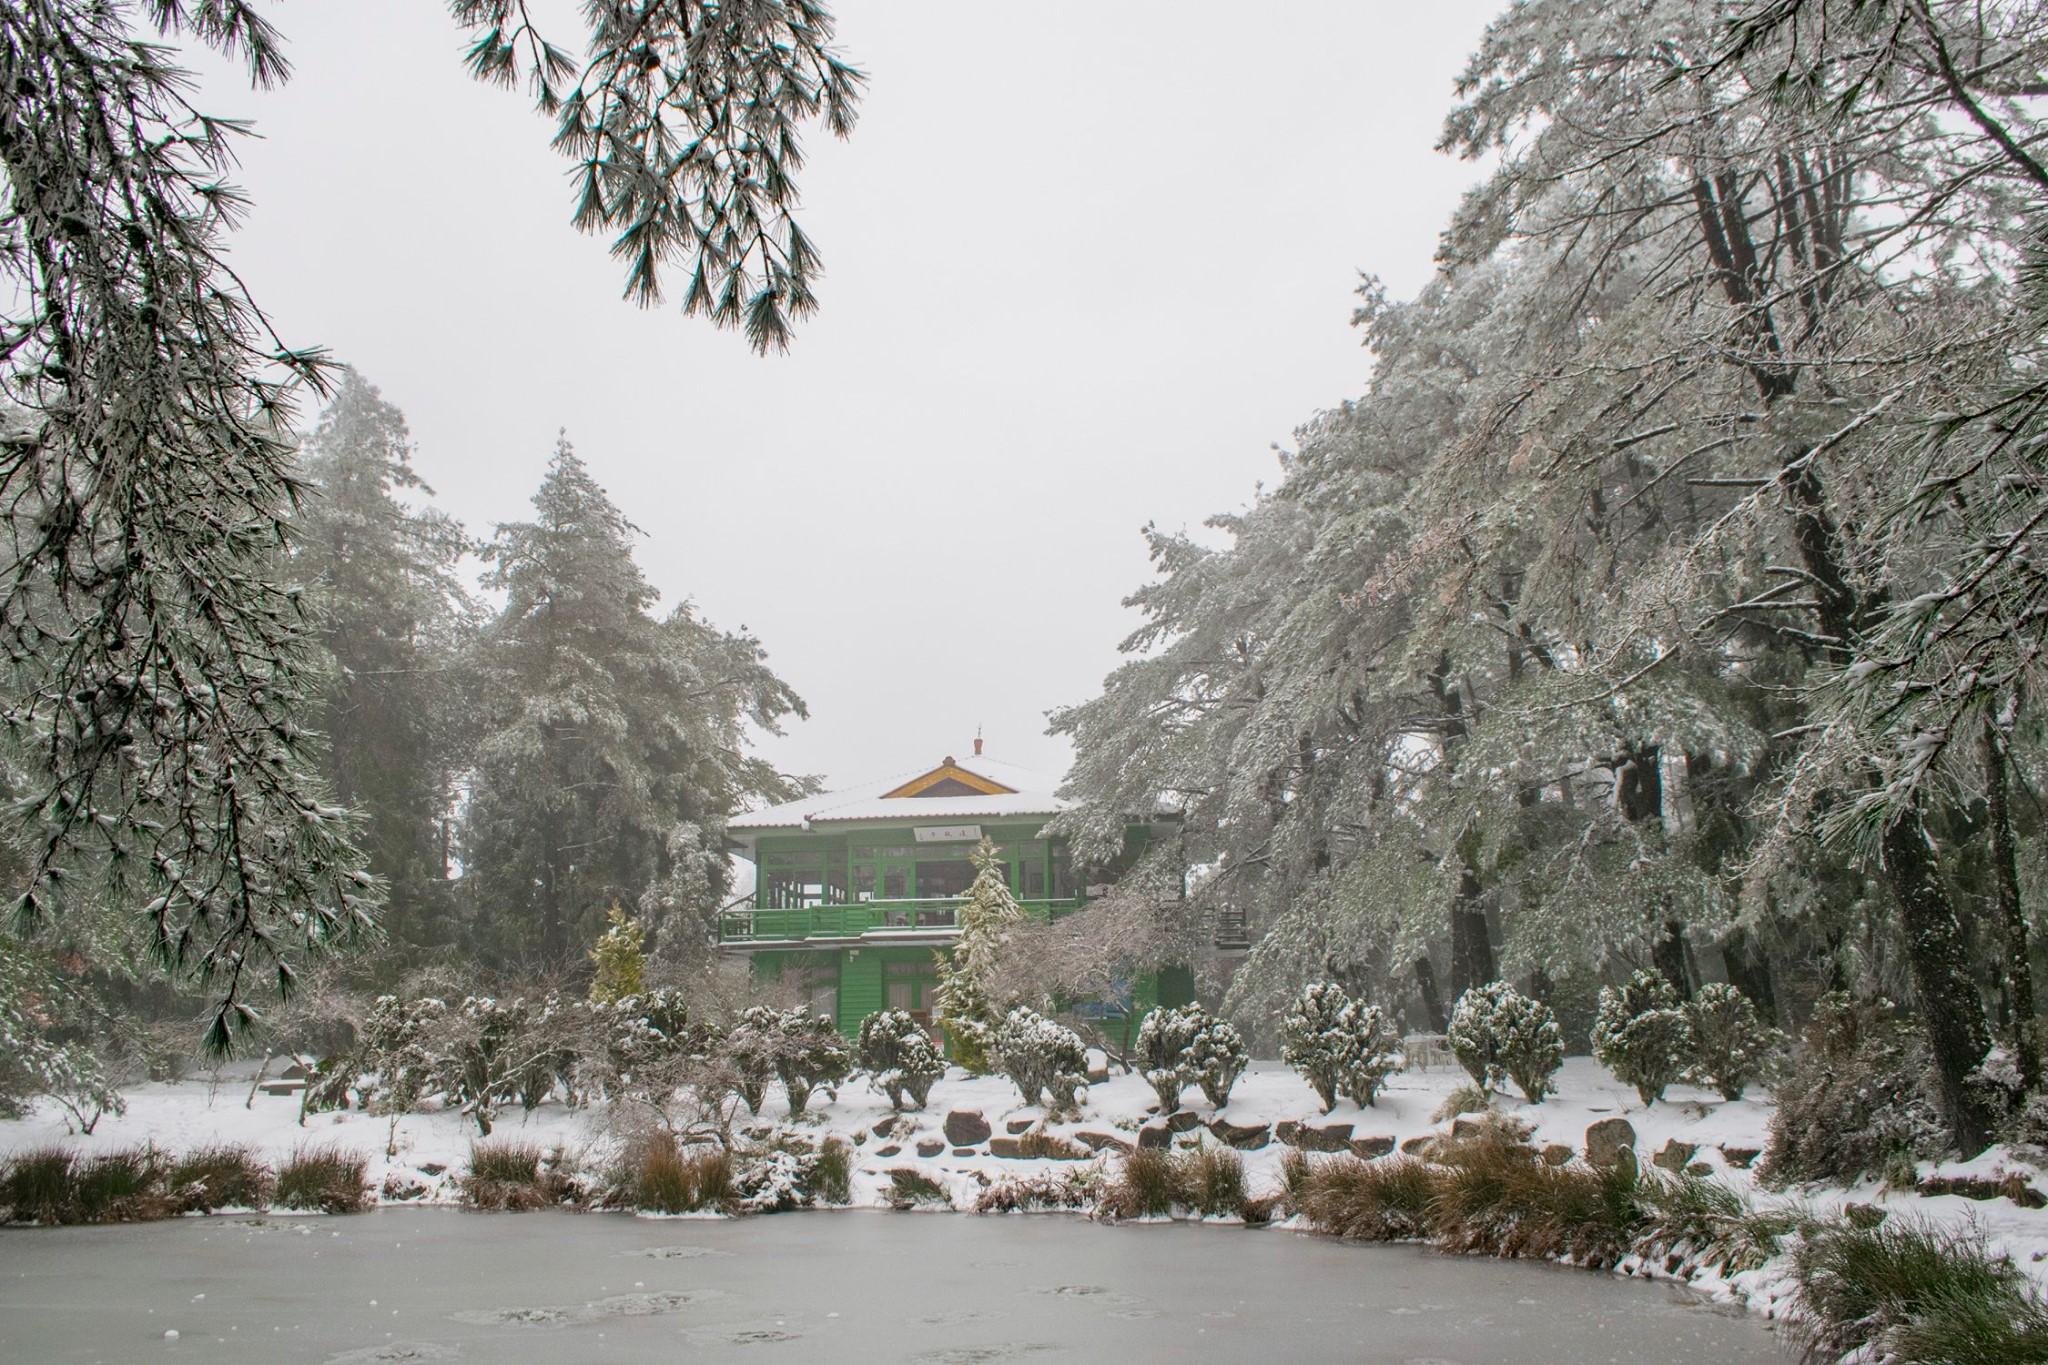 天池位於福壽山的制高點,下雪時池面與步道都會被雪覆蓋,既唯美又浪漫。圖/福壽山農場臉書粉絲專頁